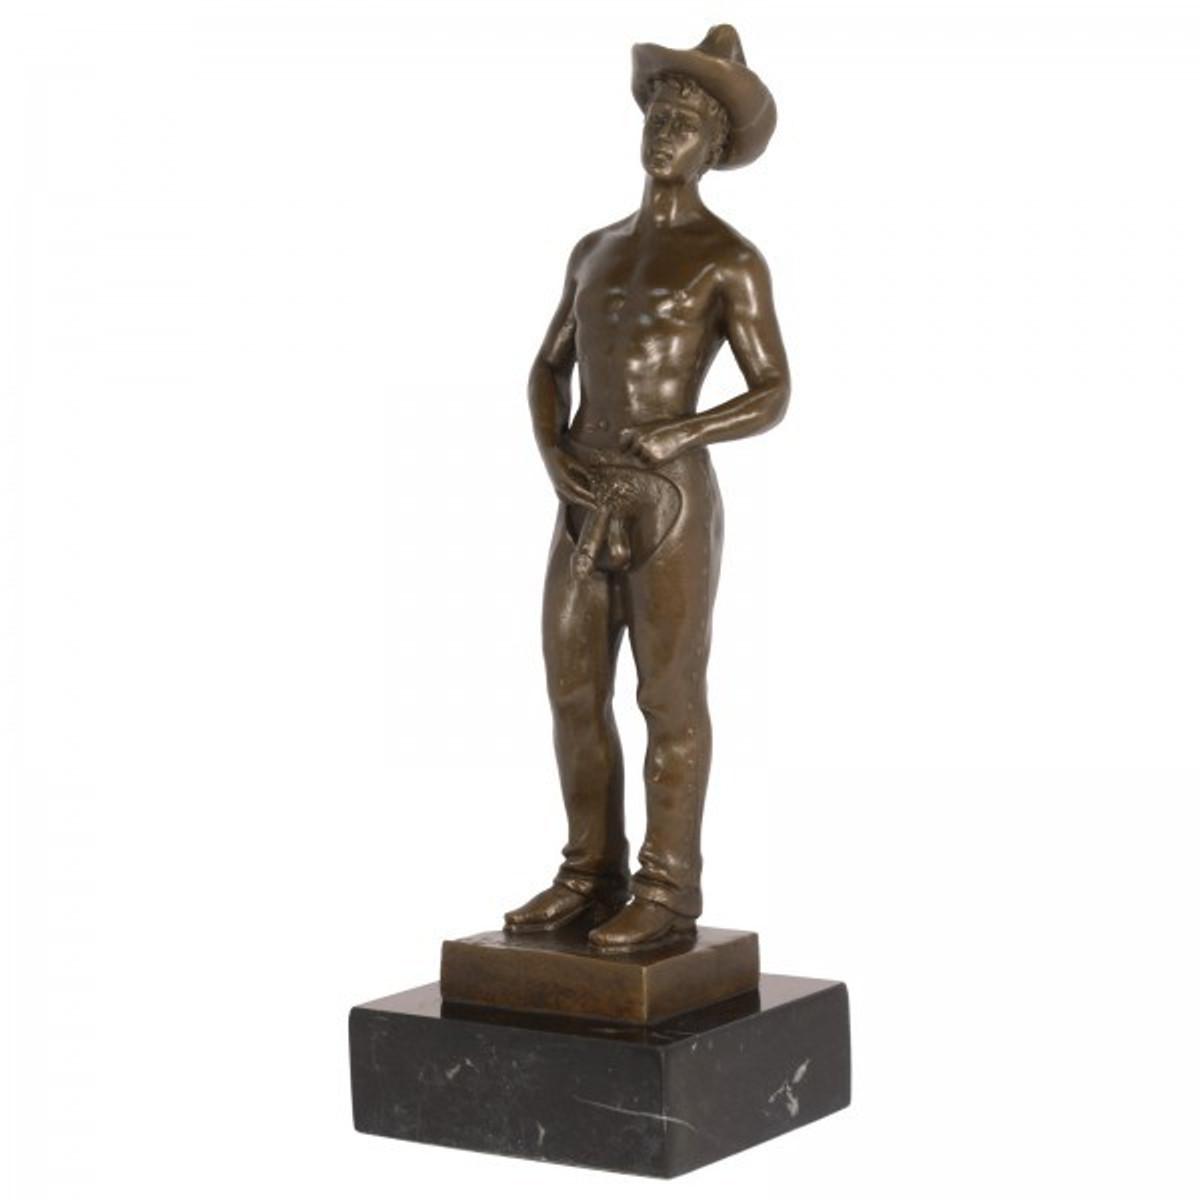 Erotik Bronzeskulptur Männer Akt als nackter Cowboy stehend auf Marmorsockel.